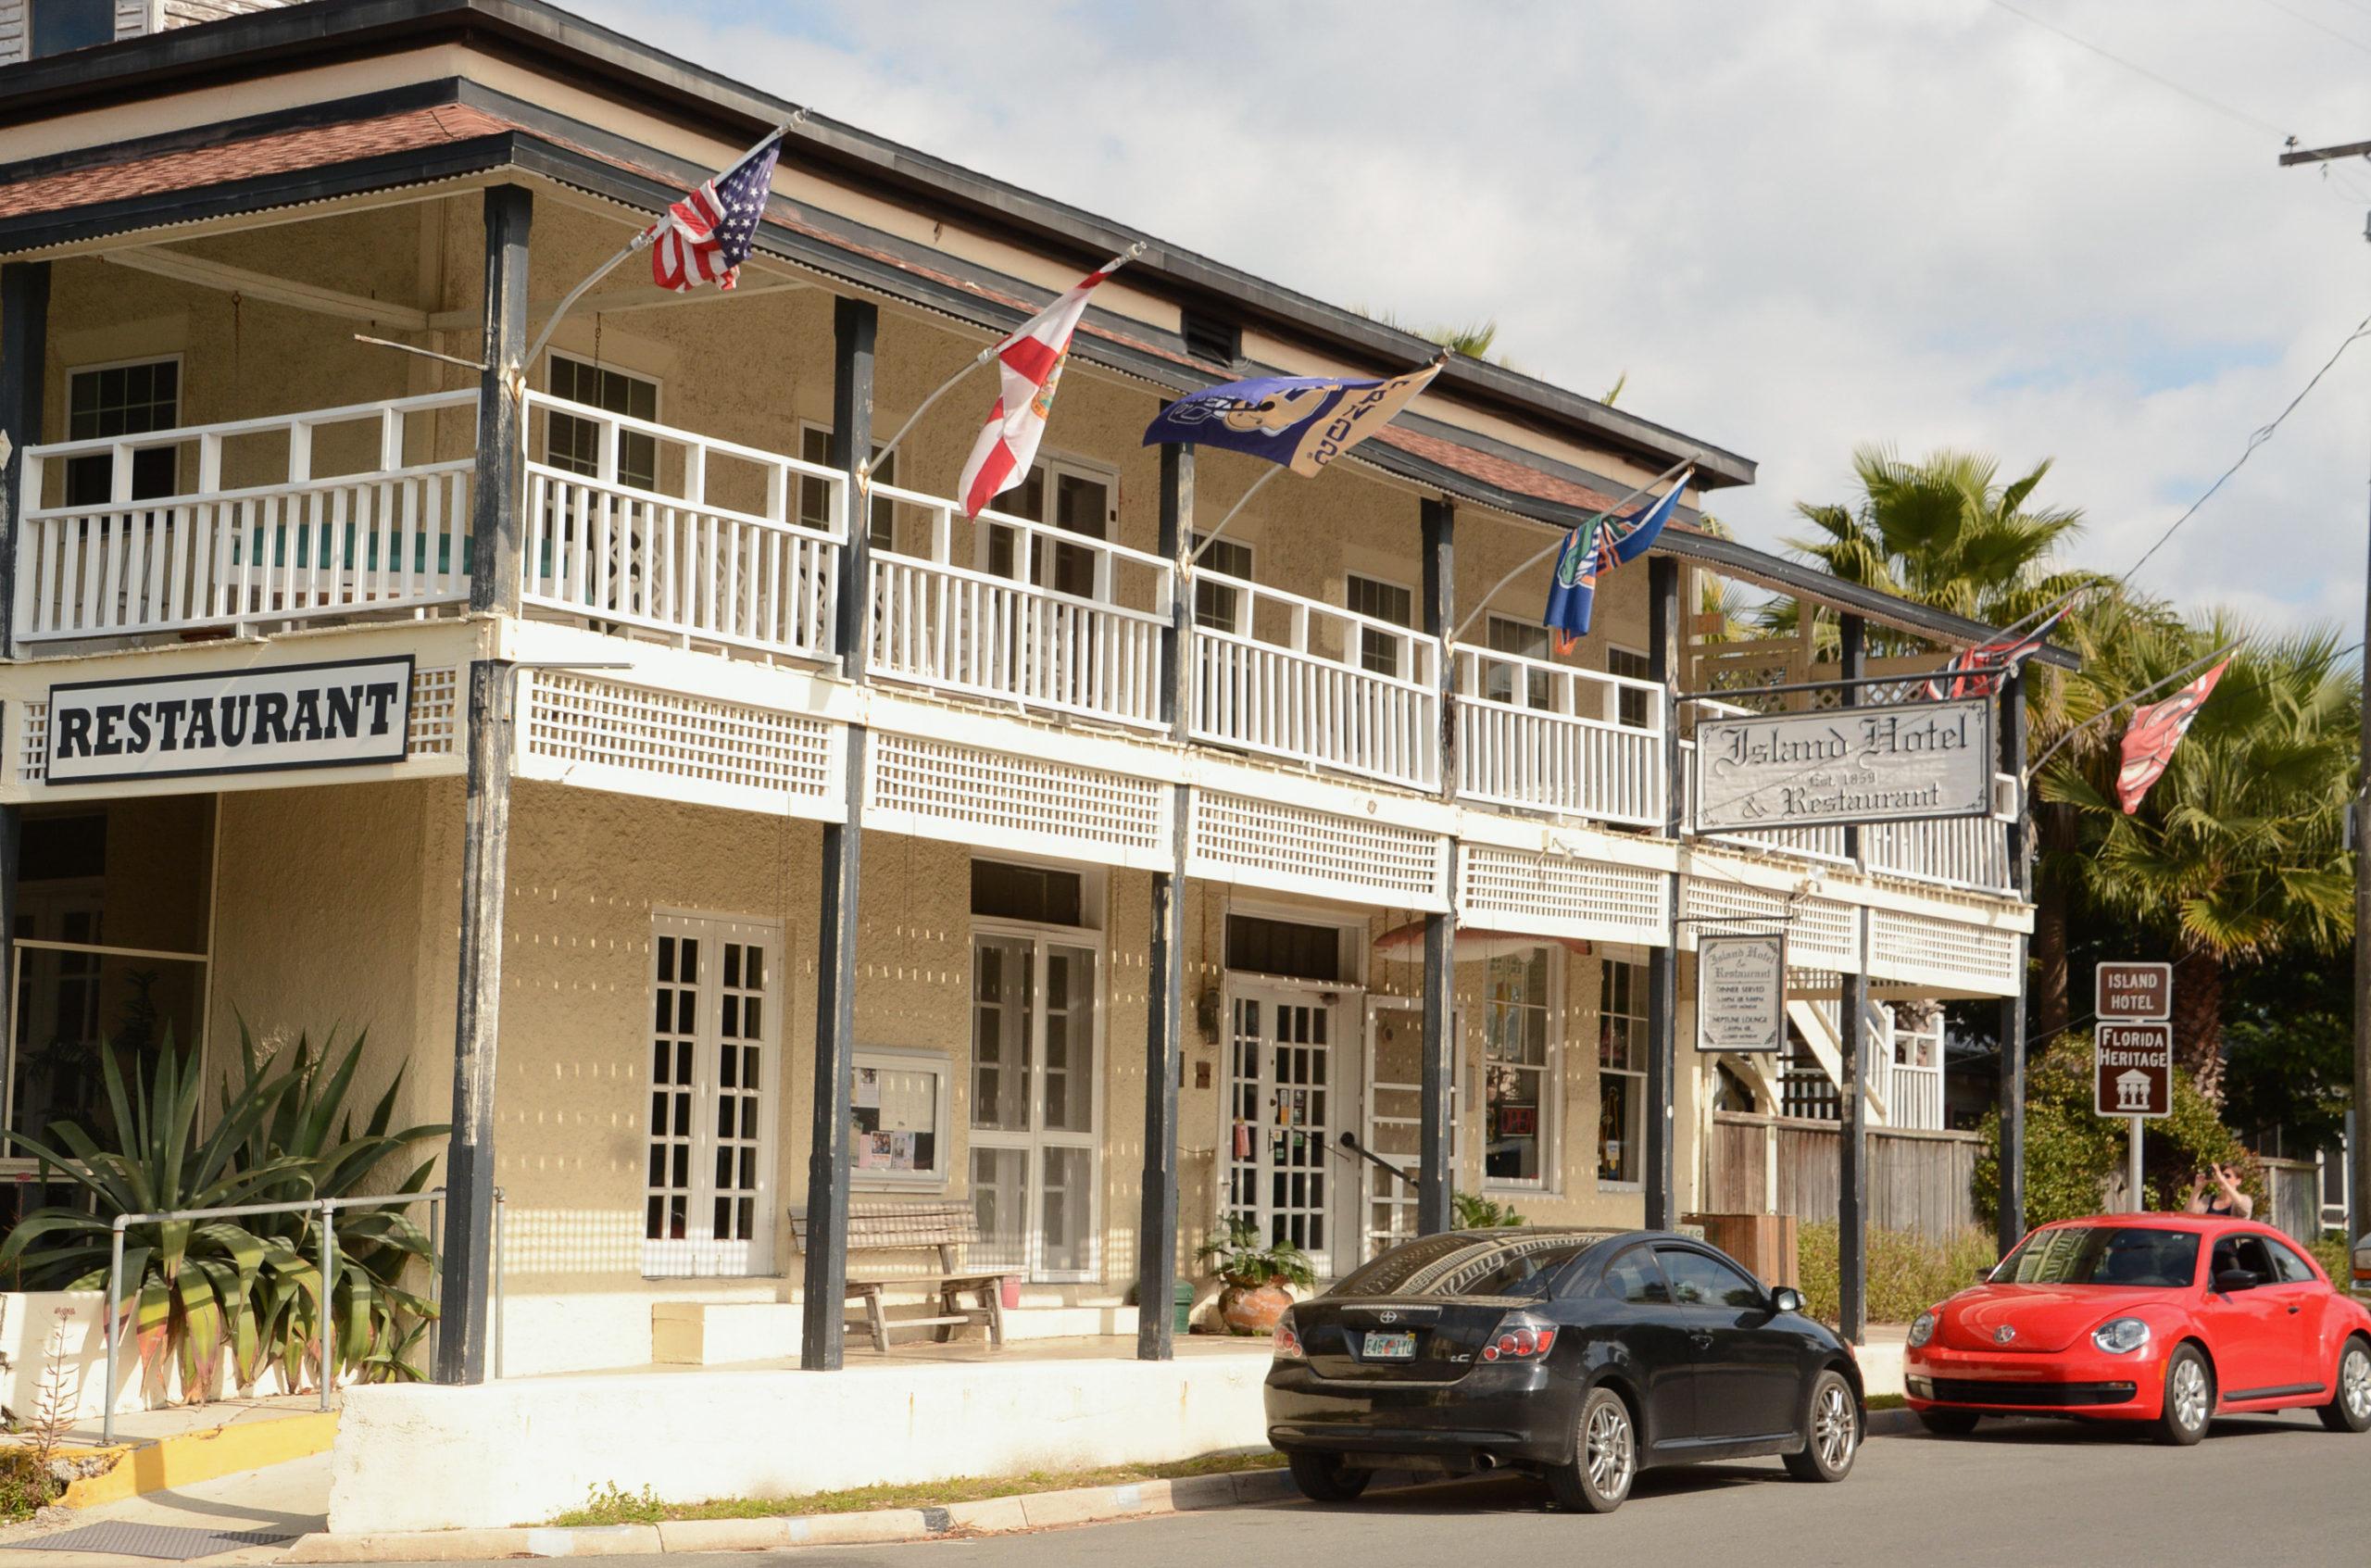 Das Island Hotel ist eine Institution auf Cedar Key